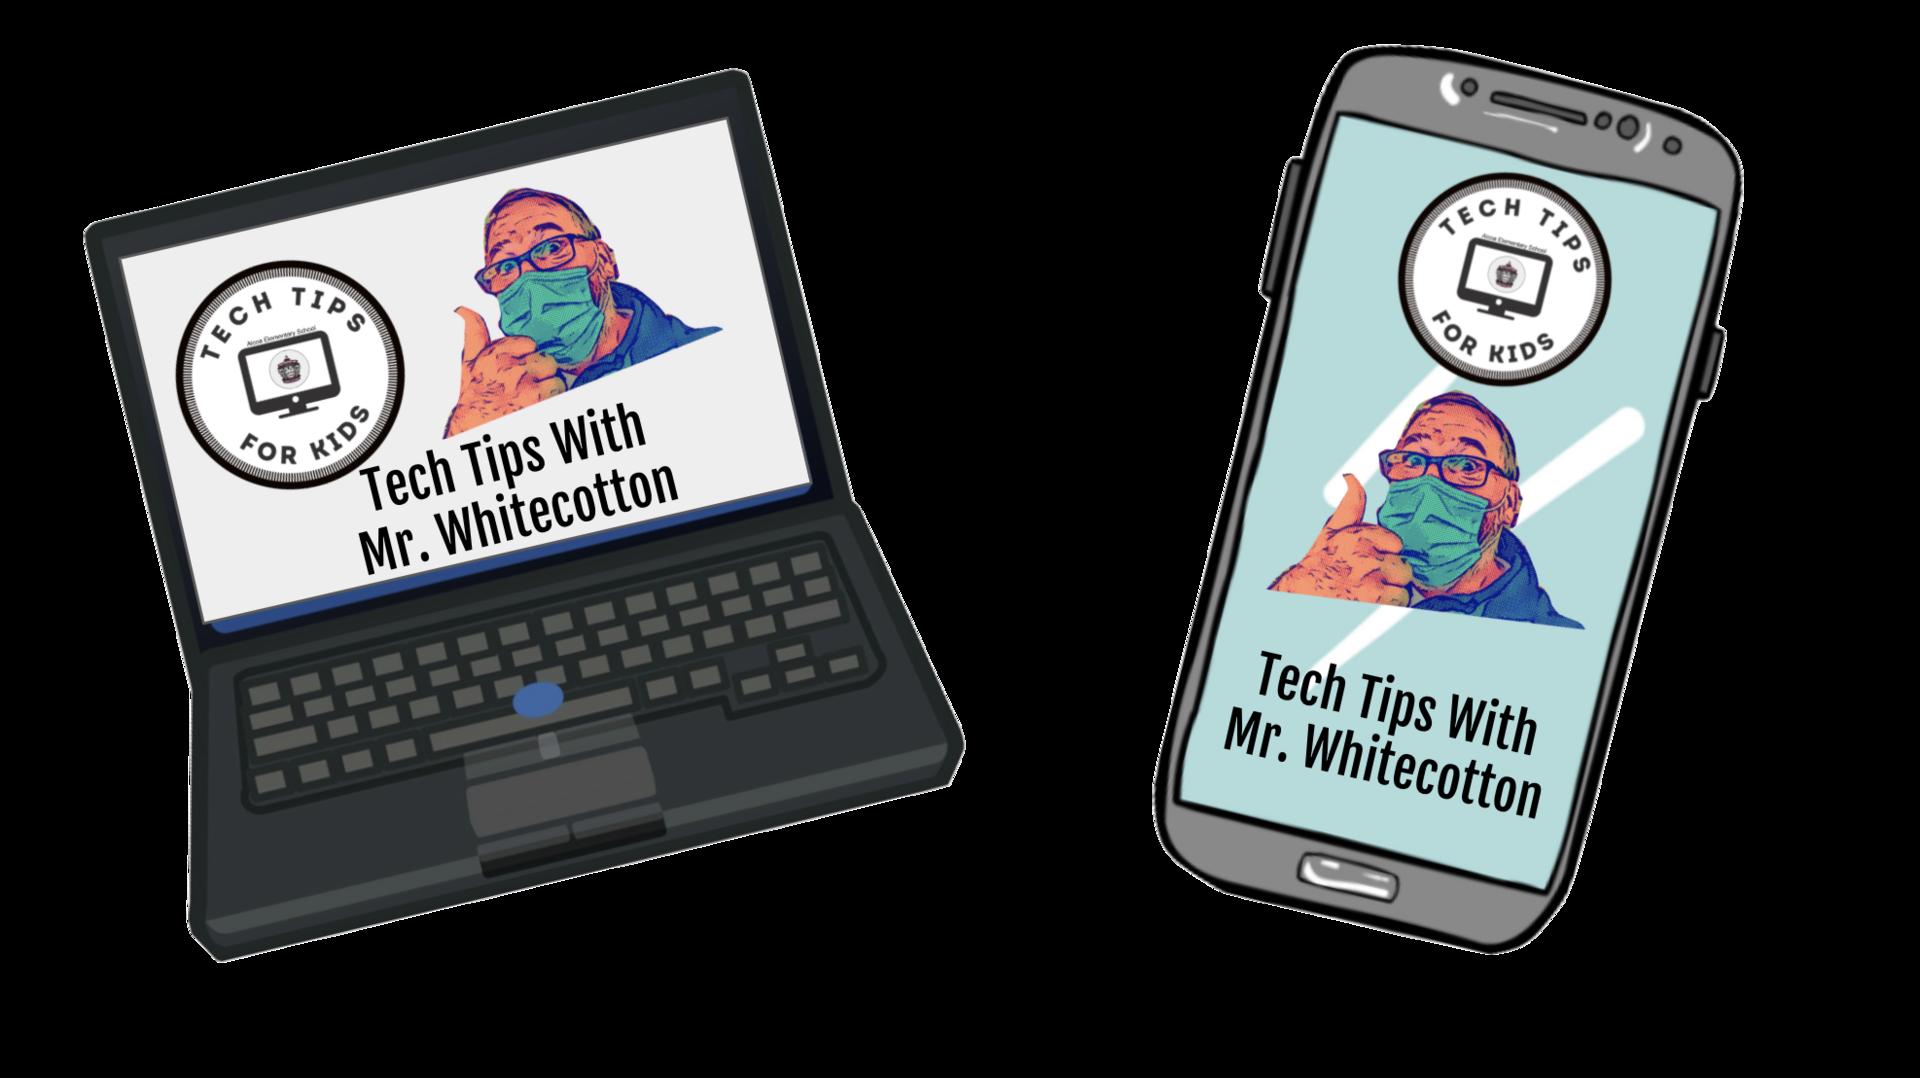 Tech Tips with Mr. Whitecotton